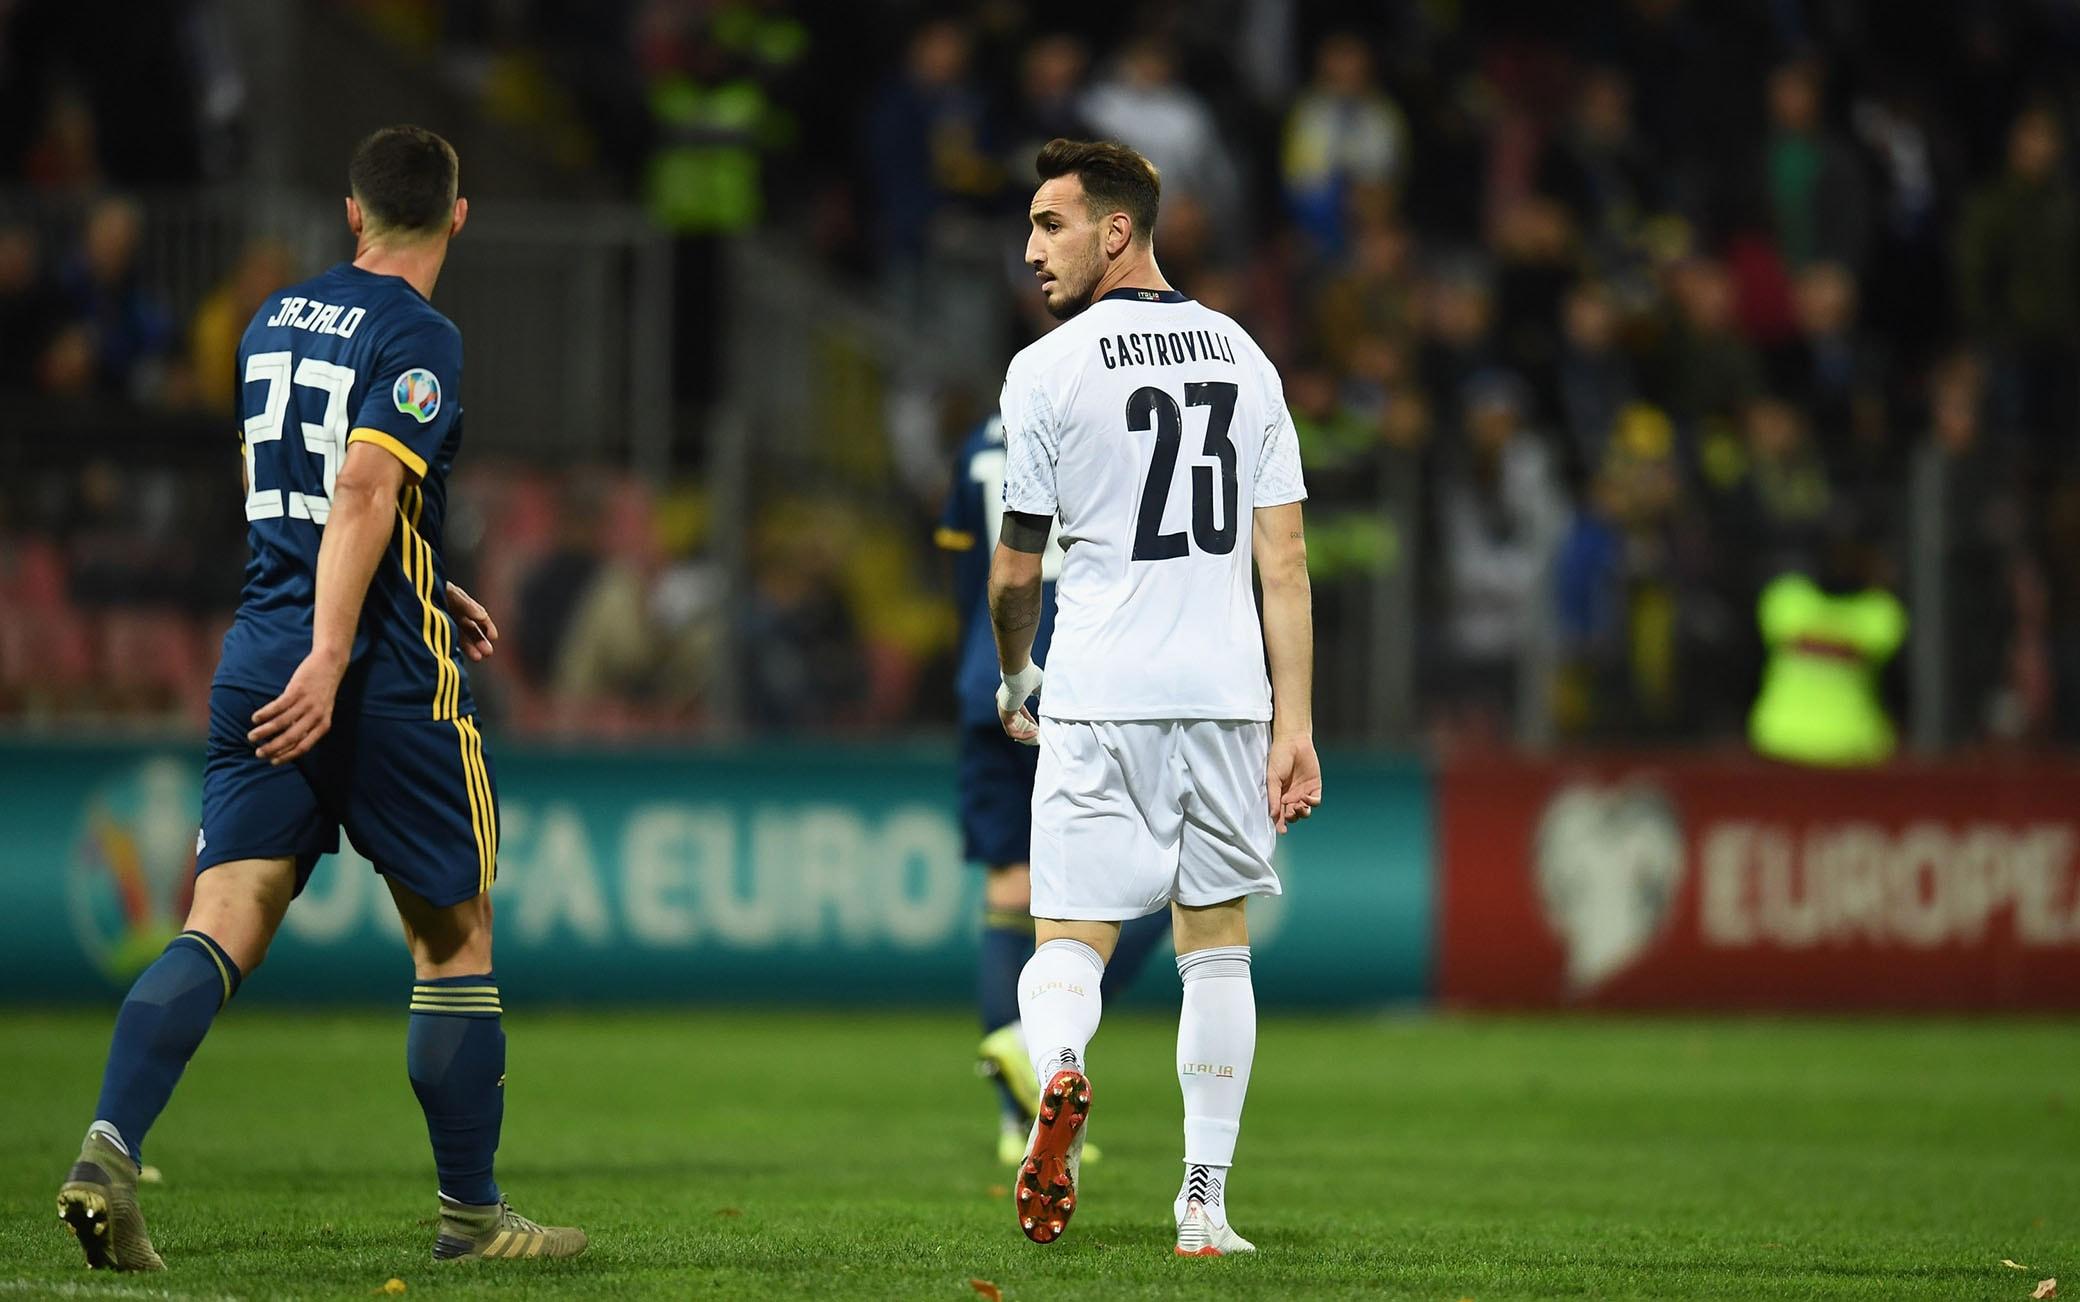 Il debutto di Castrovilli a Zenica contro la Bosnia il 15 novembre 2019